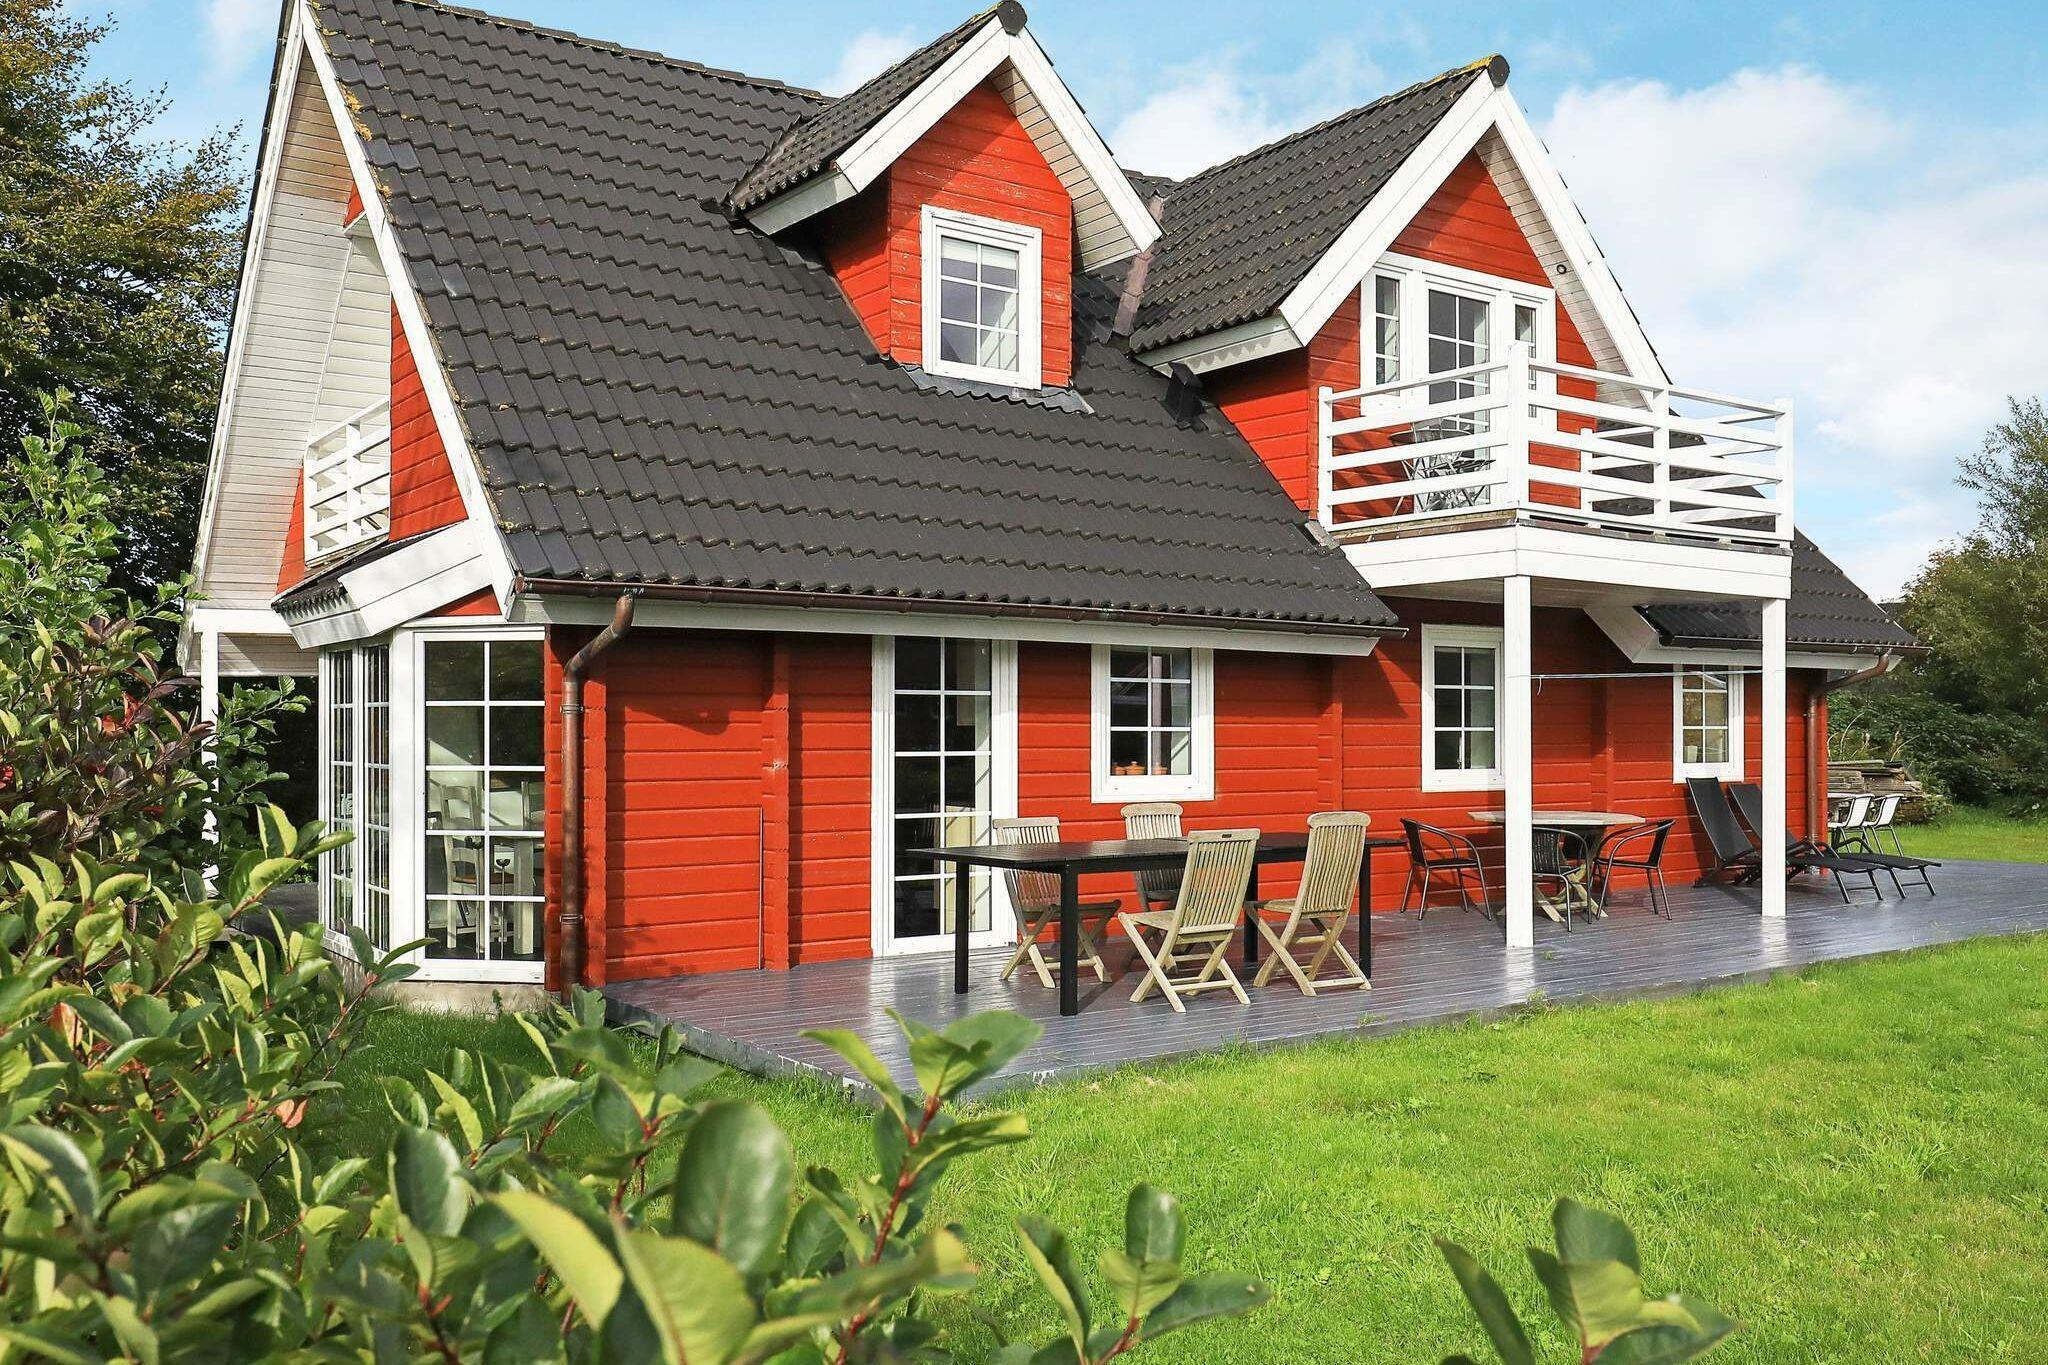 Ferienhaus in Albäk für 11 Personen